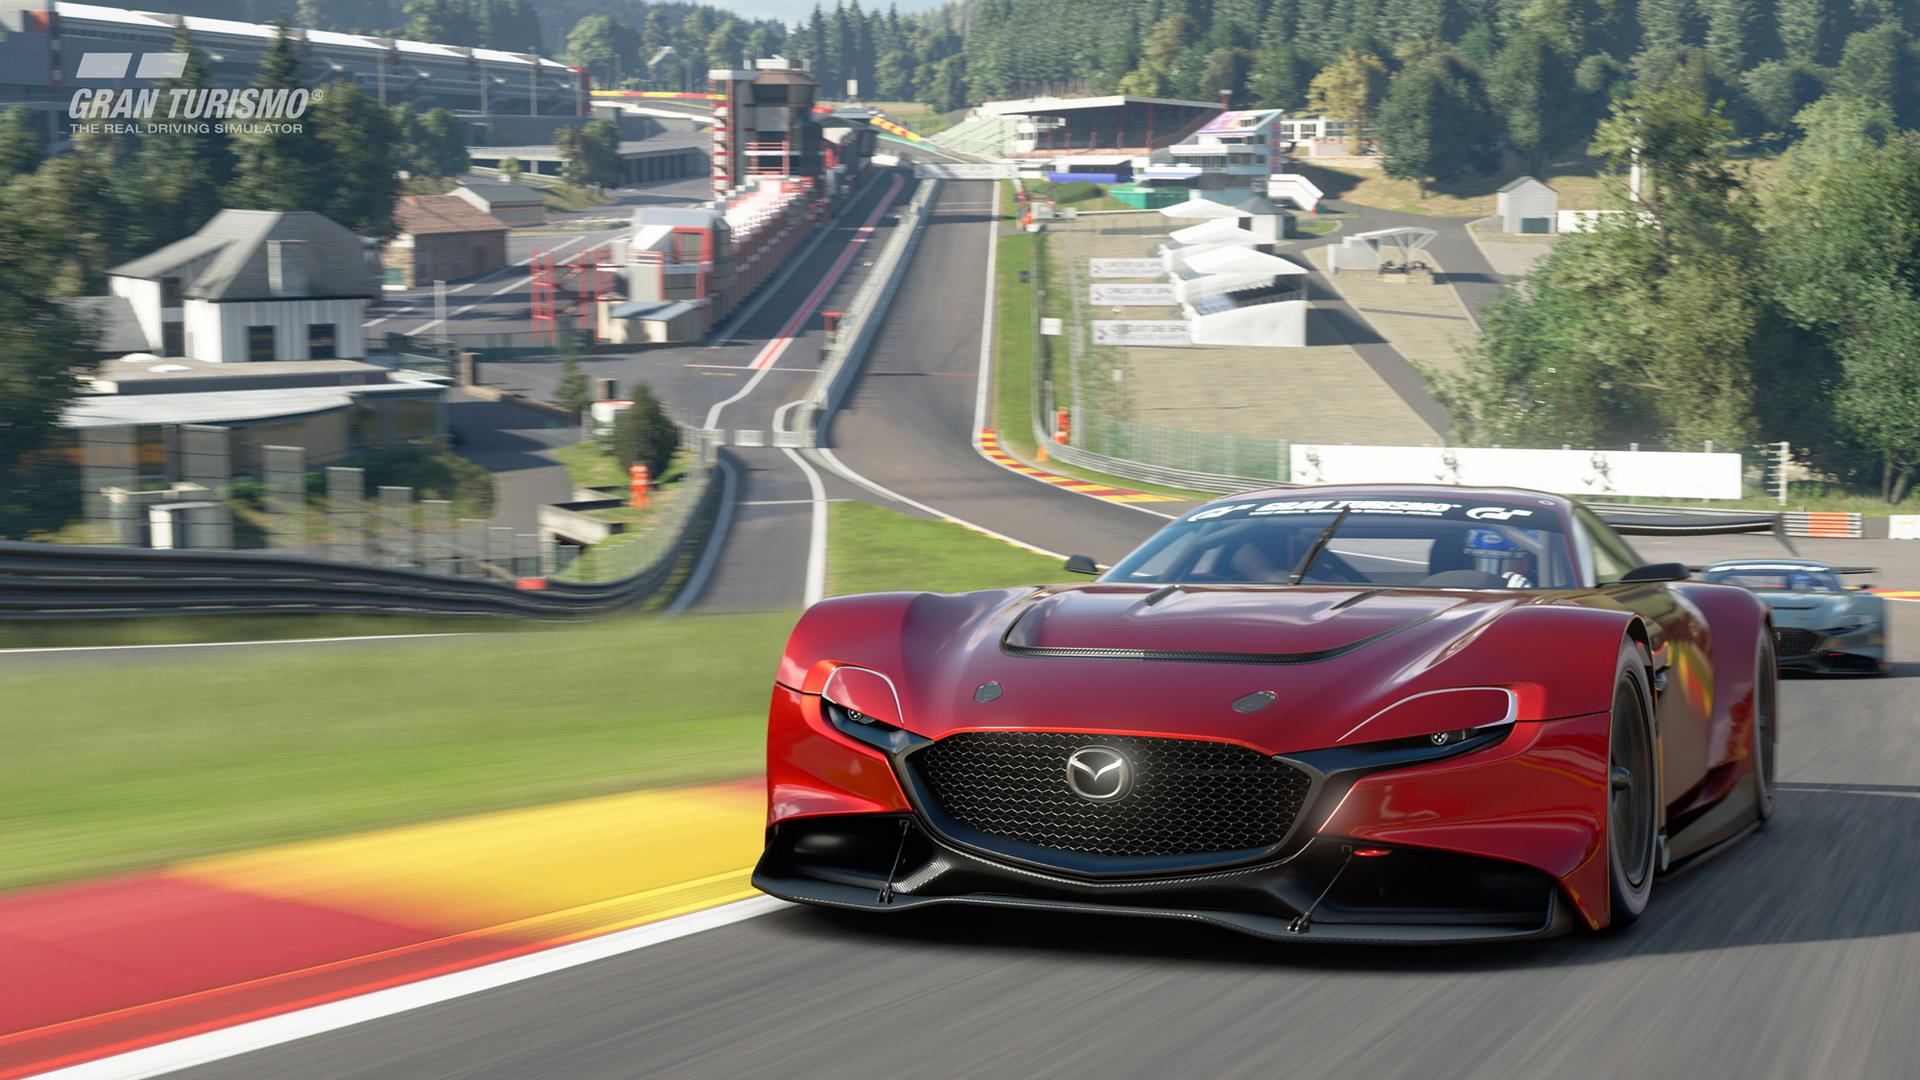 Gran Turismo 7 é um dos exclusivos confirmados para próxima geração. (Foto: Divulgação/Sony)